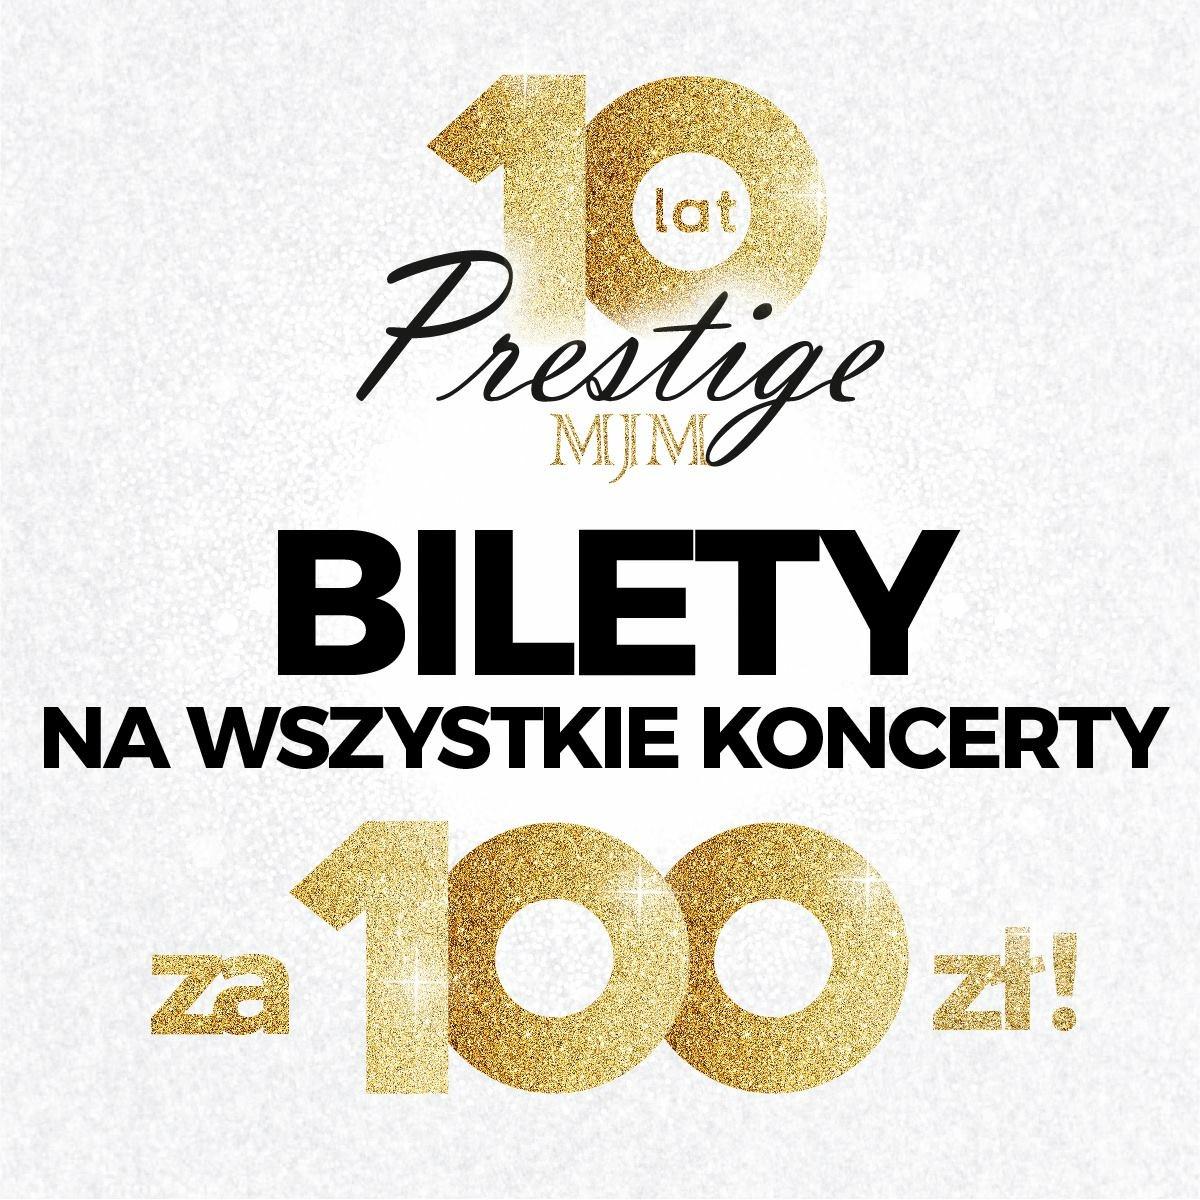 Bilety na koncerty od Prestigemjm za 100zl